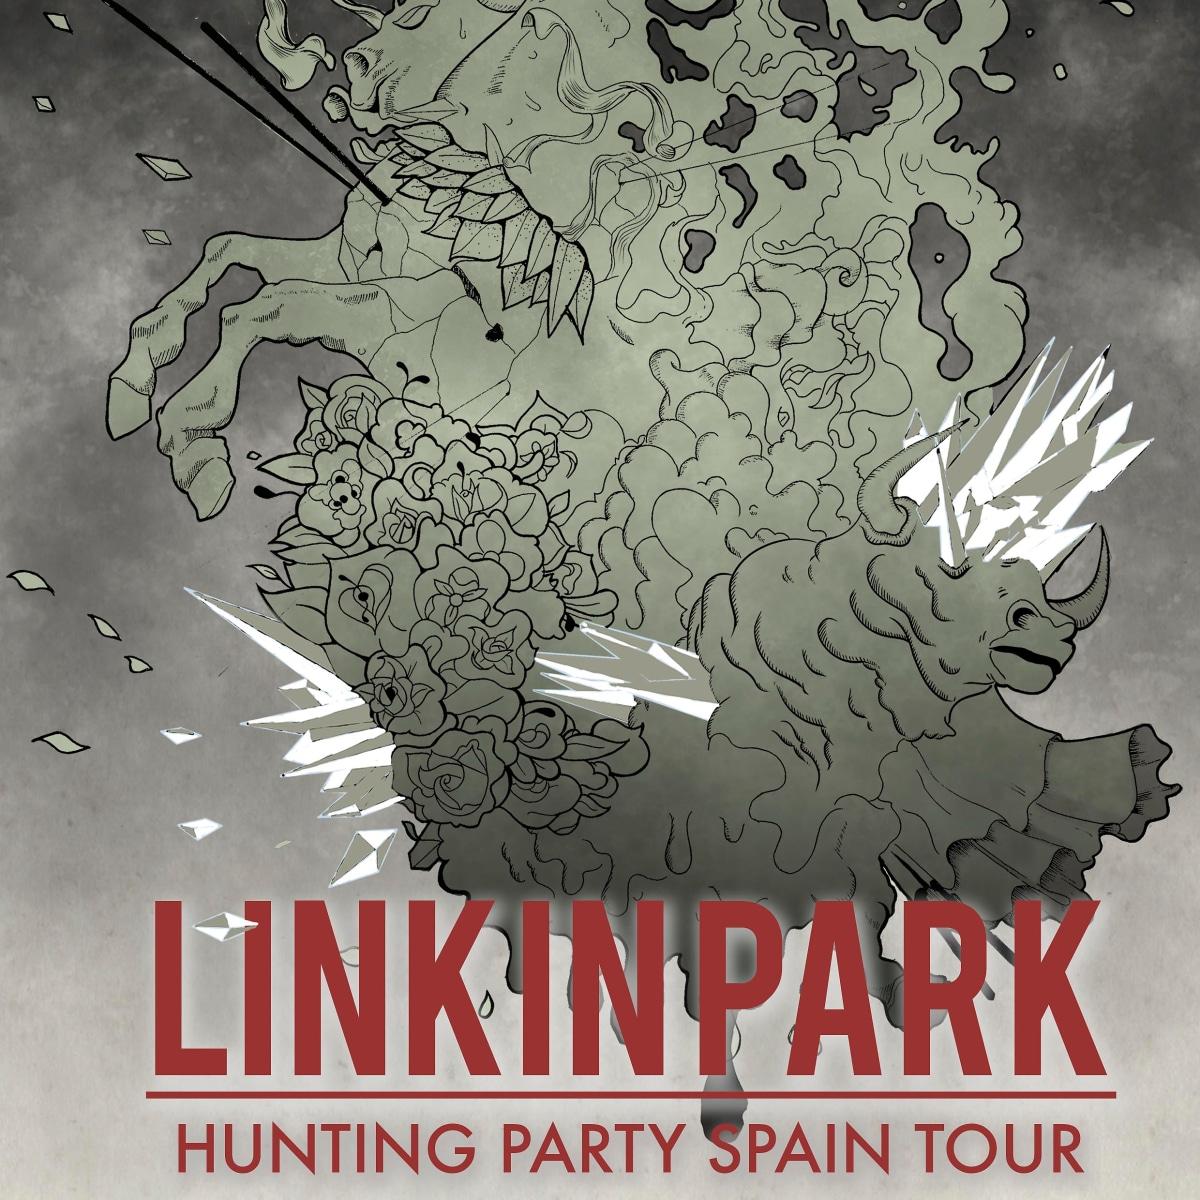 Ejemplo De Cartel De Linkin Park Hunting Party Spain Tour Domestika